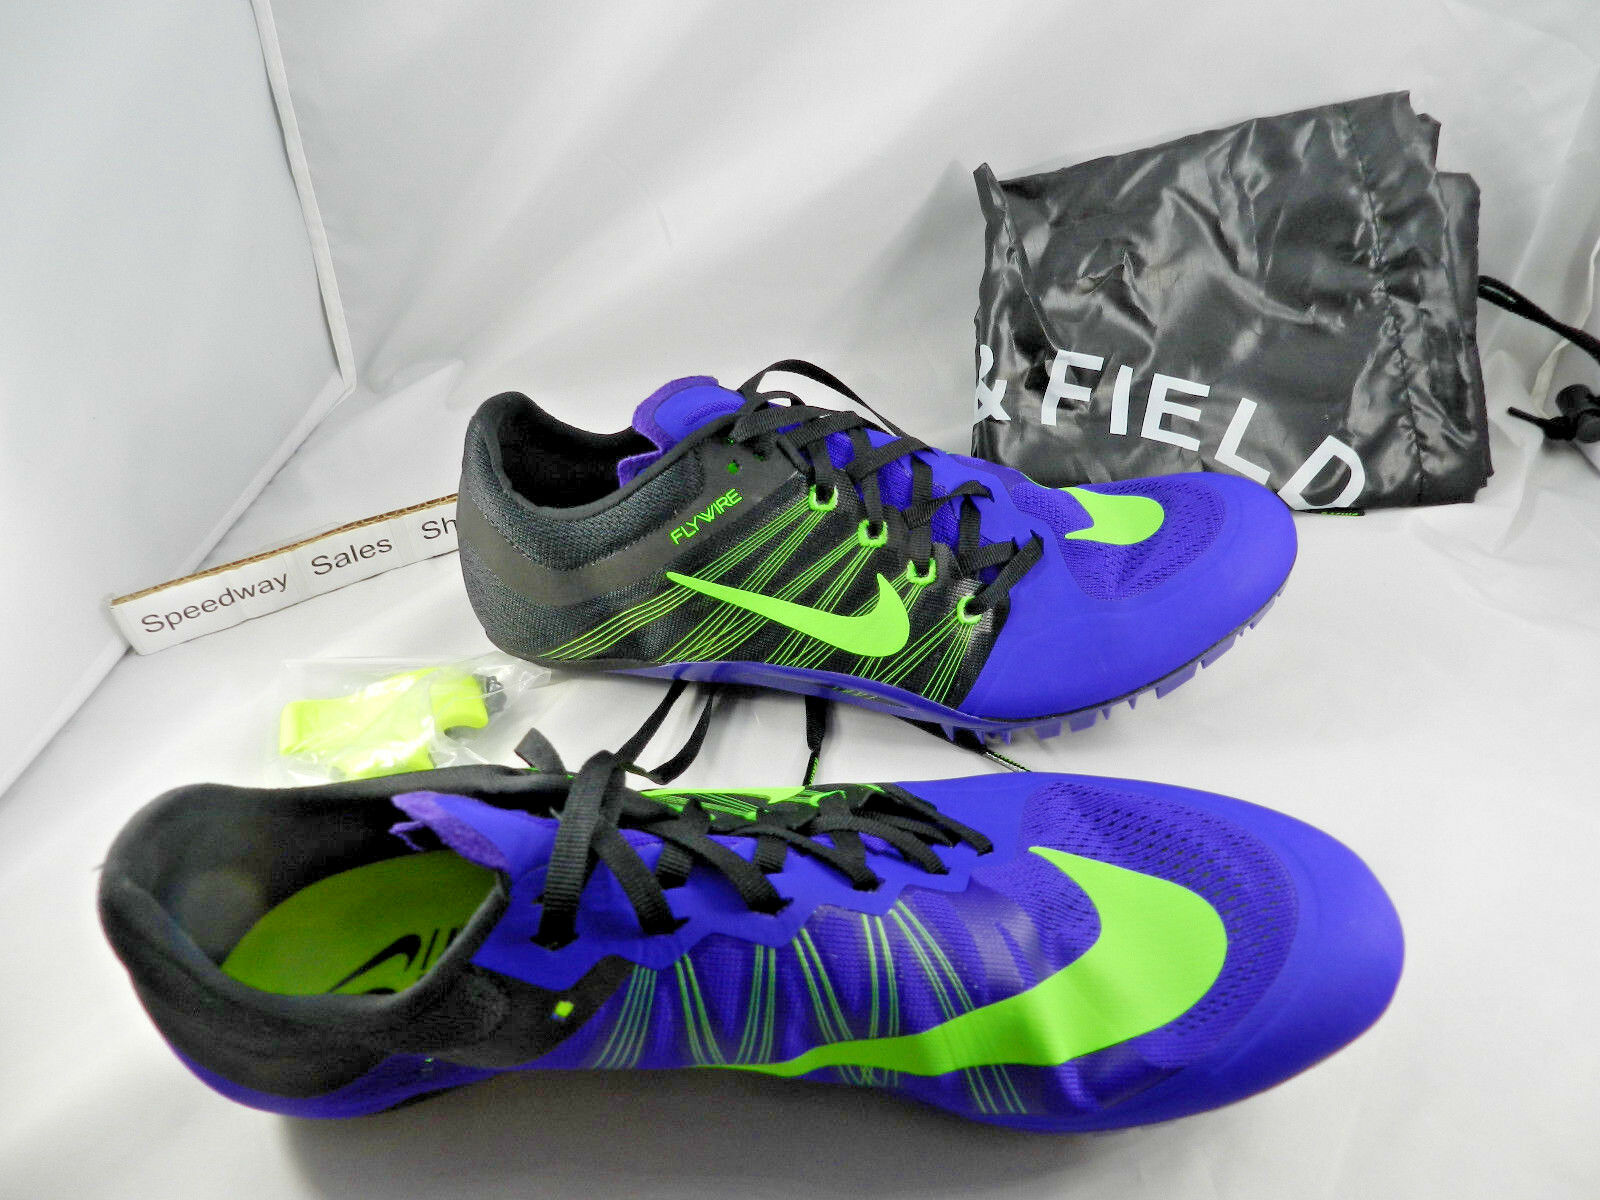 Nike Zoom Ja Fly 2 Track Spikes Purple Black Mens SZ 11 W Tool&Spikes 705373 035